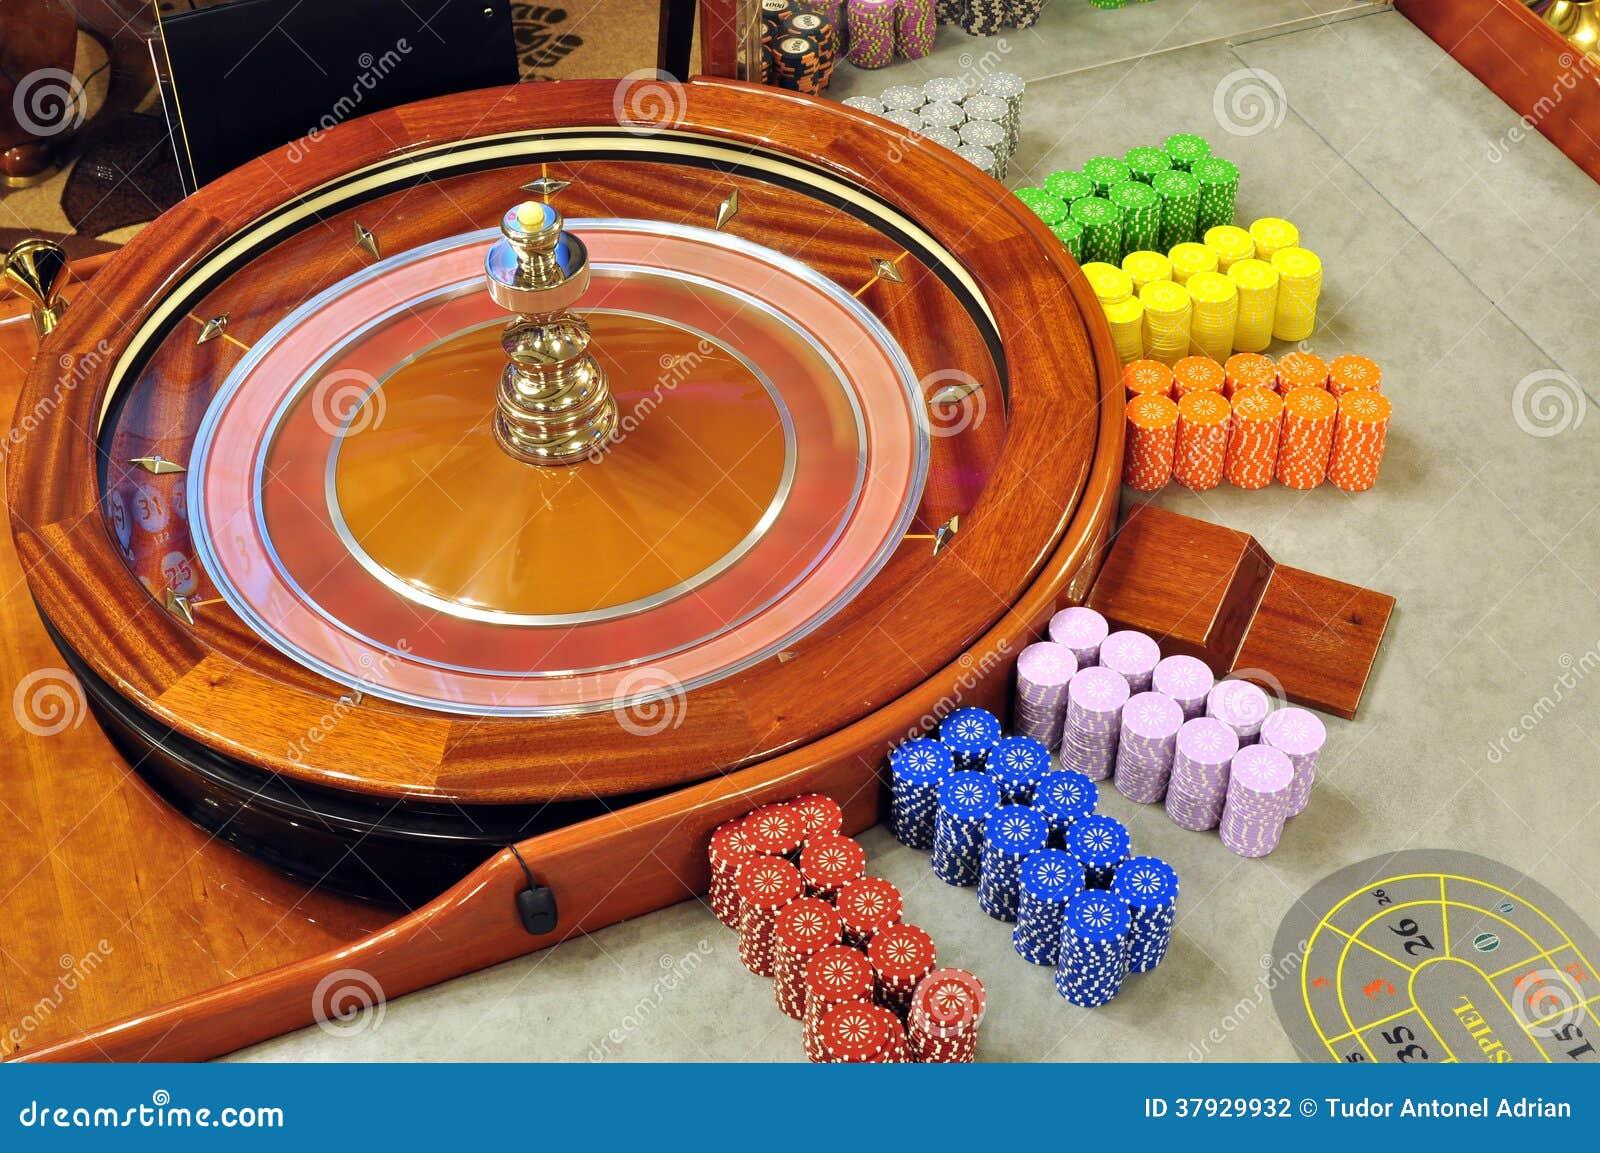 Roulettewiel